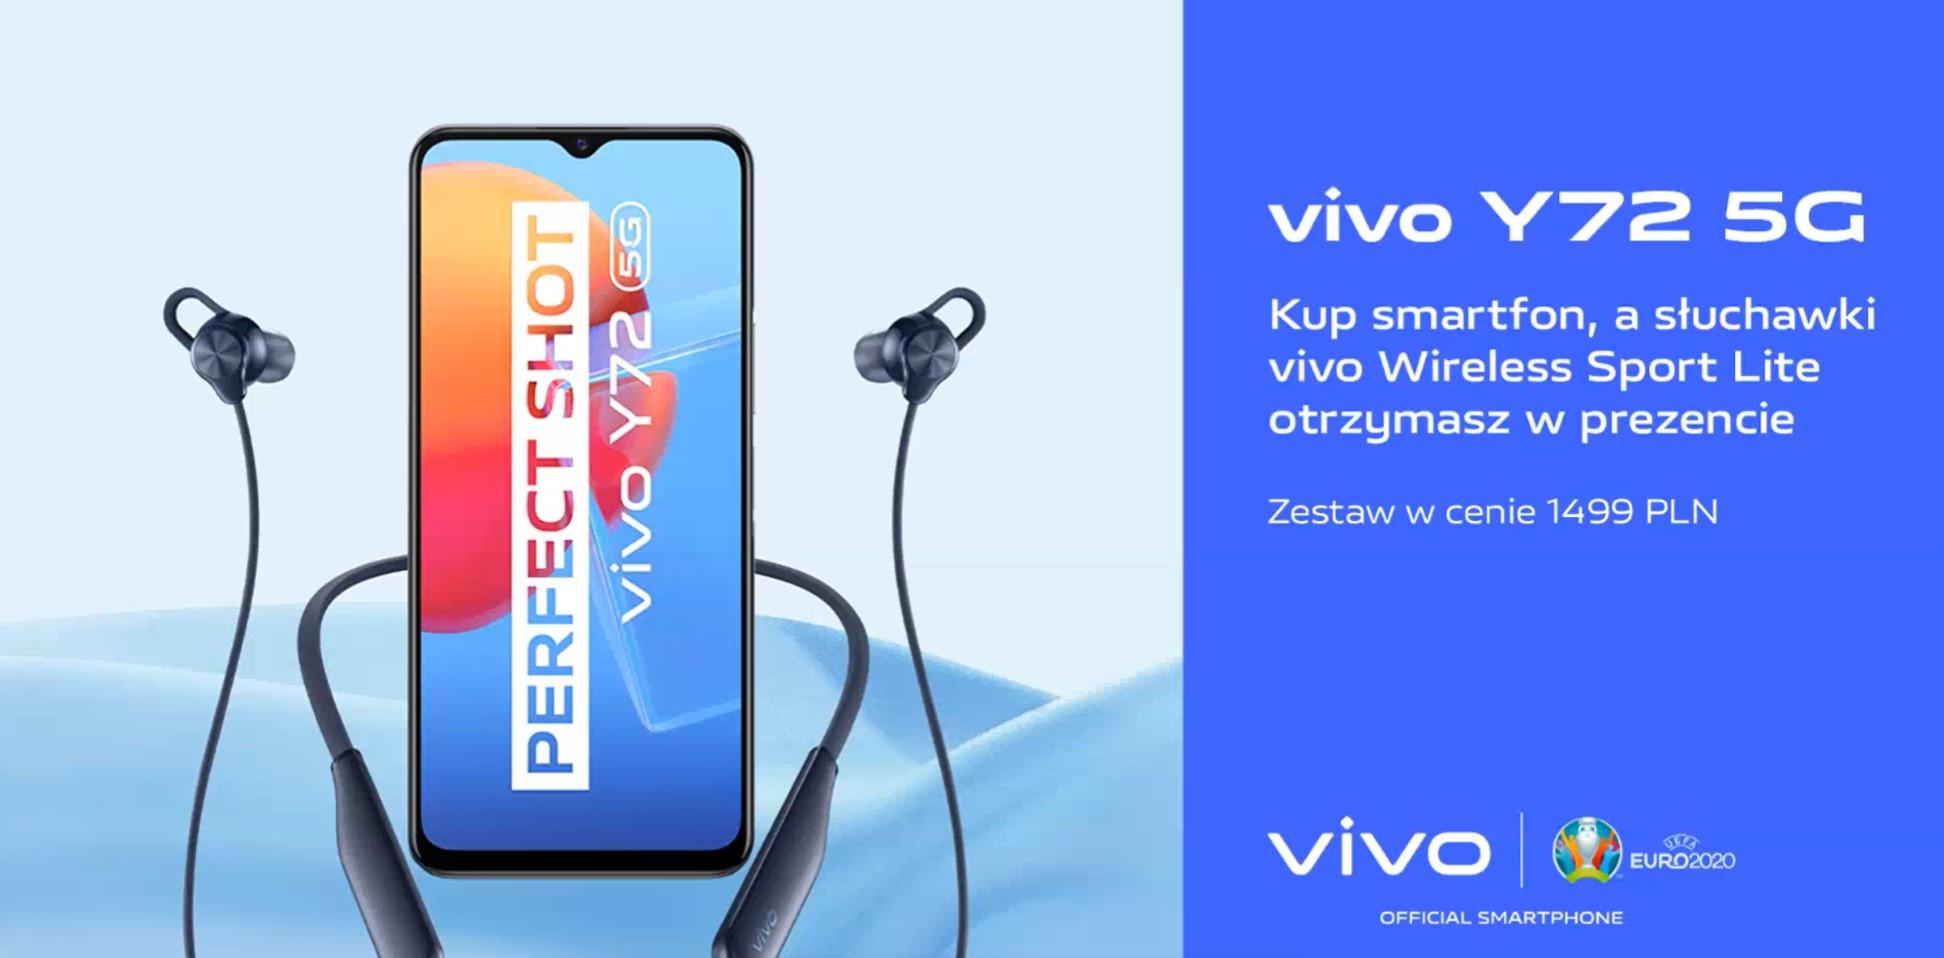 Vivo Y72 5G przedsprzedaż